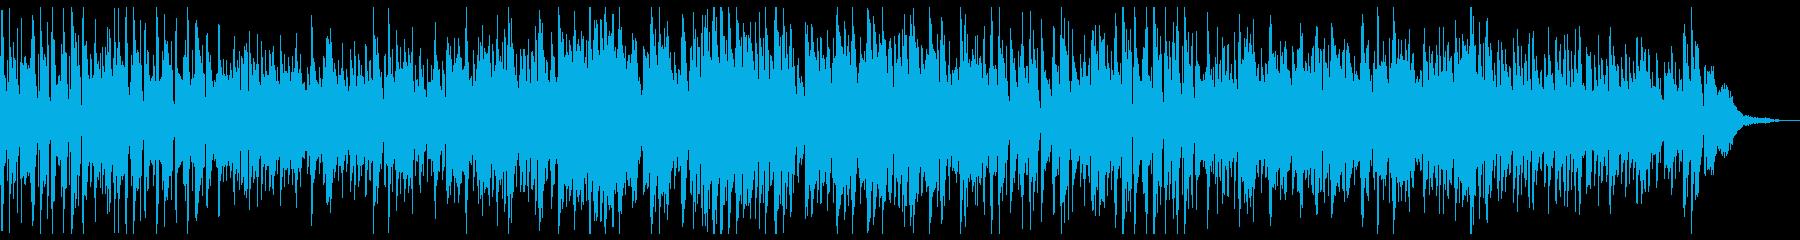 アコースティック / オシャレ / 自然の再生済みの波形